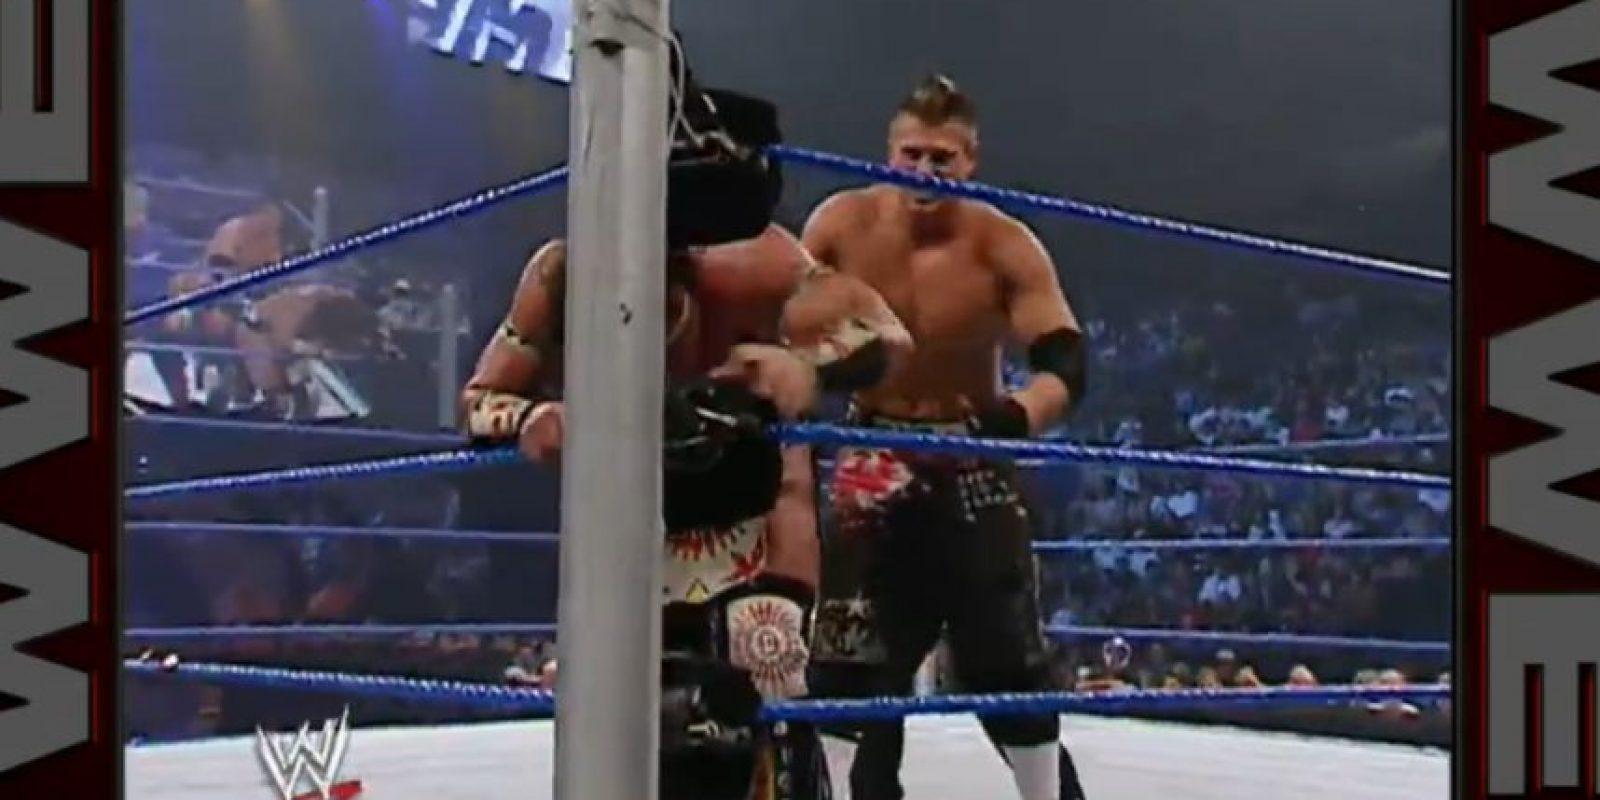 Peleó contra Tatanka, el 1 de septiembre de 2006 Foto:WWE. Imagen Por: